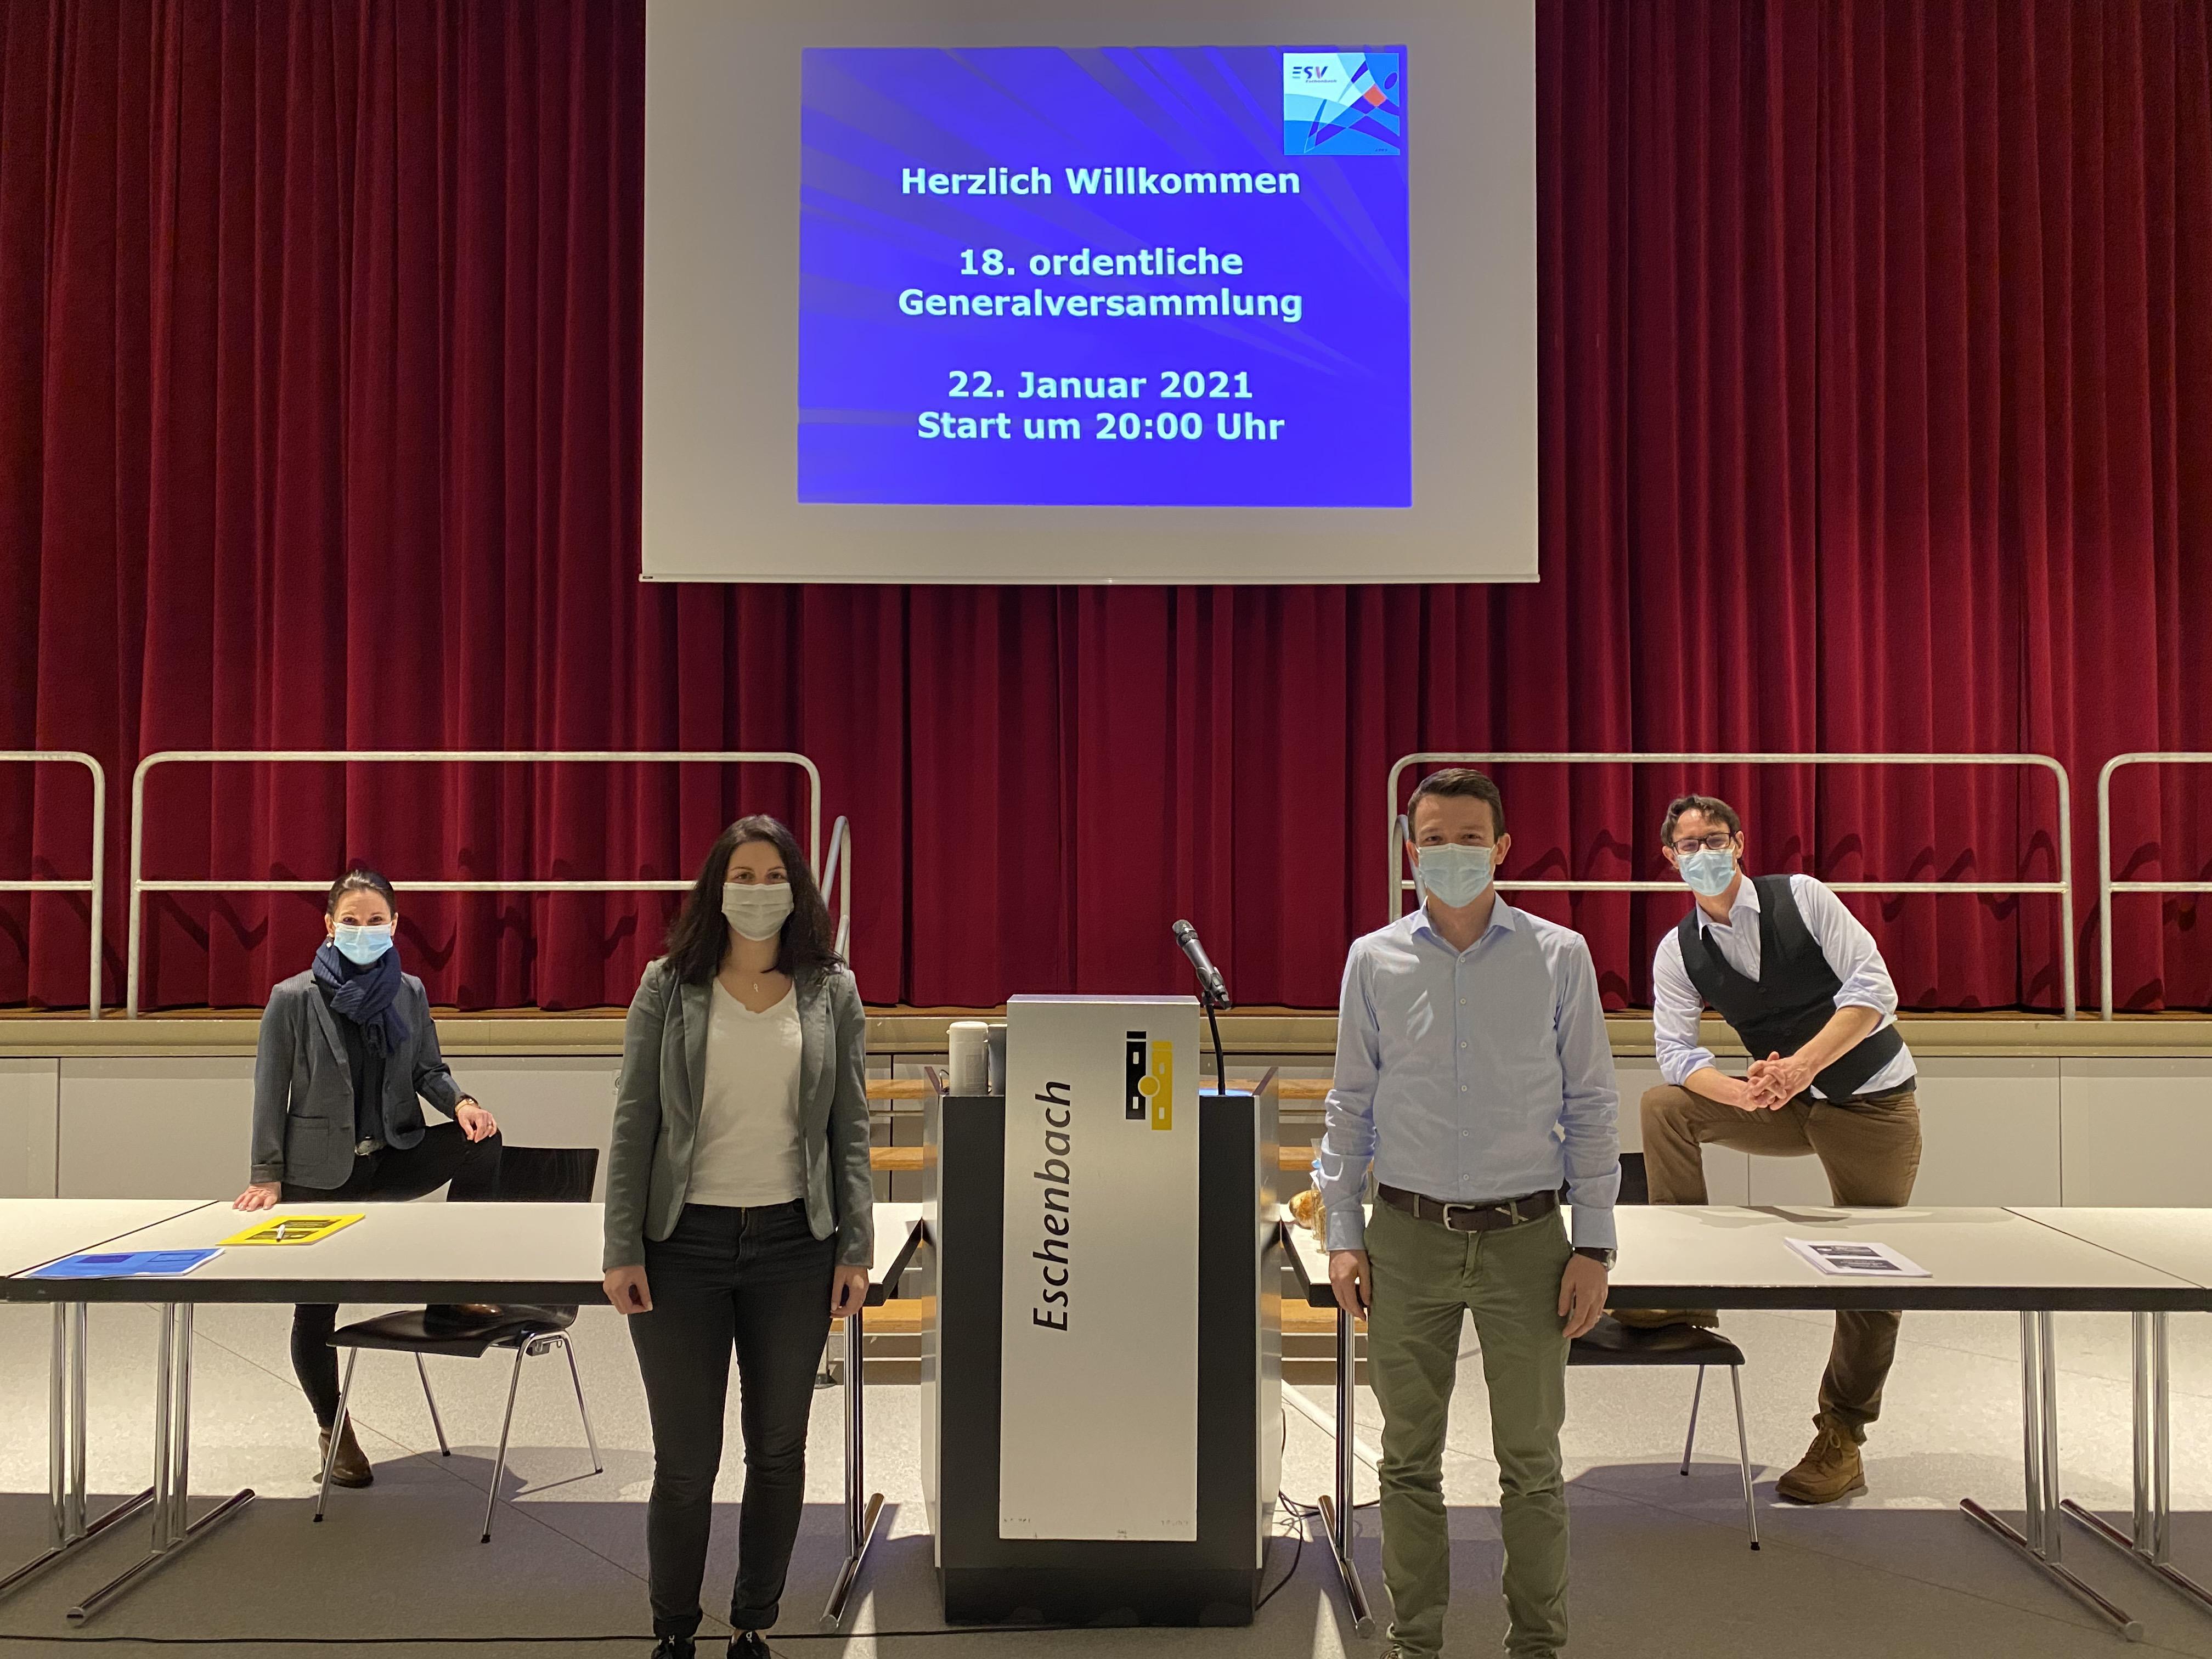 18. ordentliche Generalversammlung ESV Eschenbach